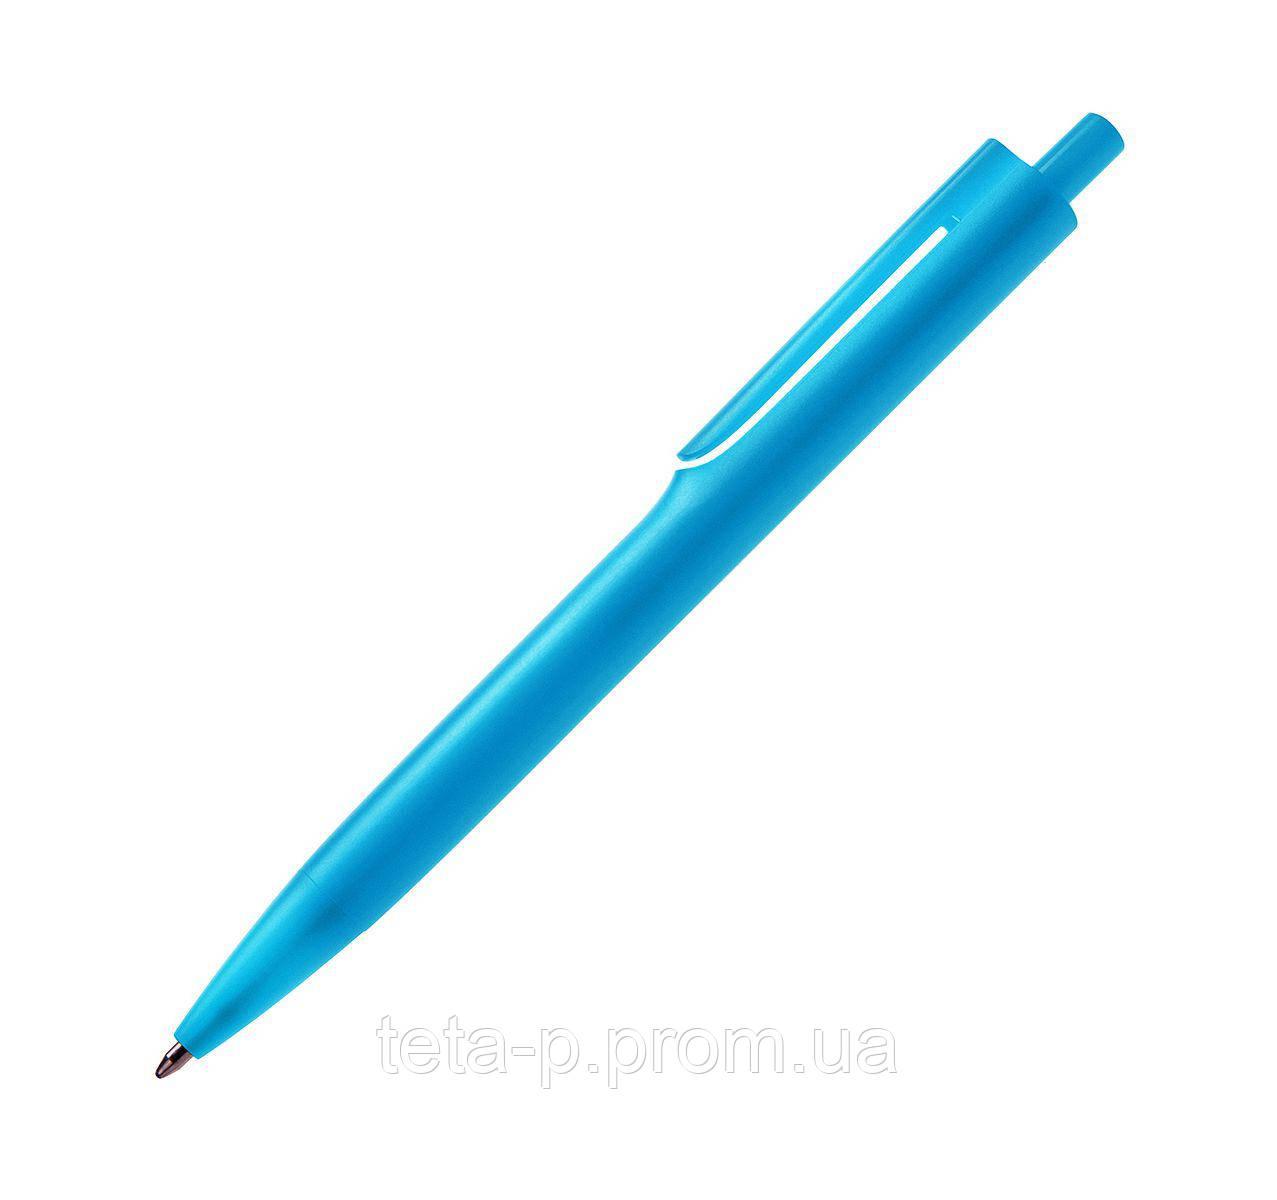 Пластиковая рекламная ручка Porto